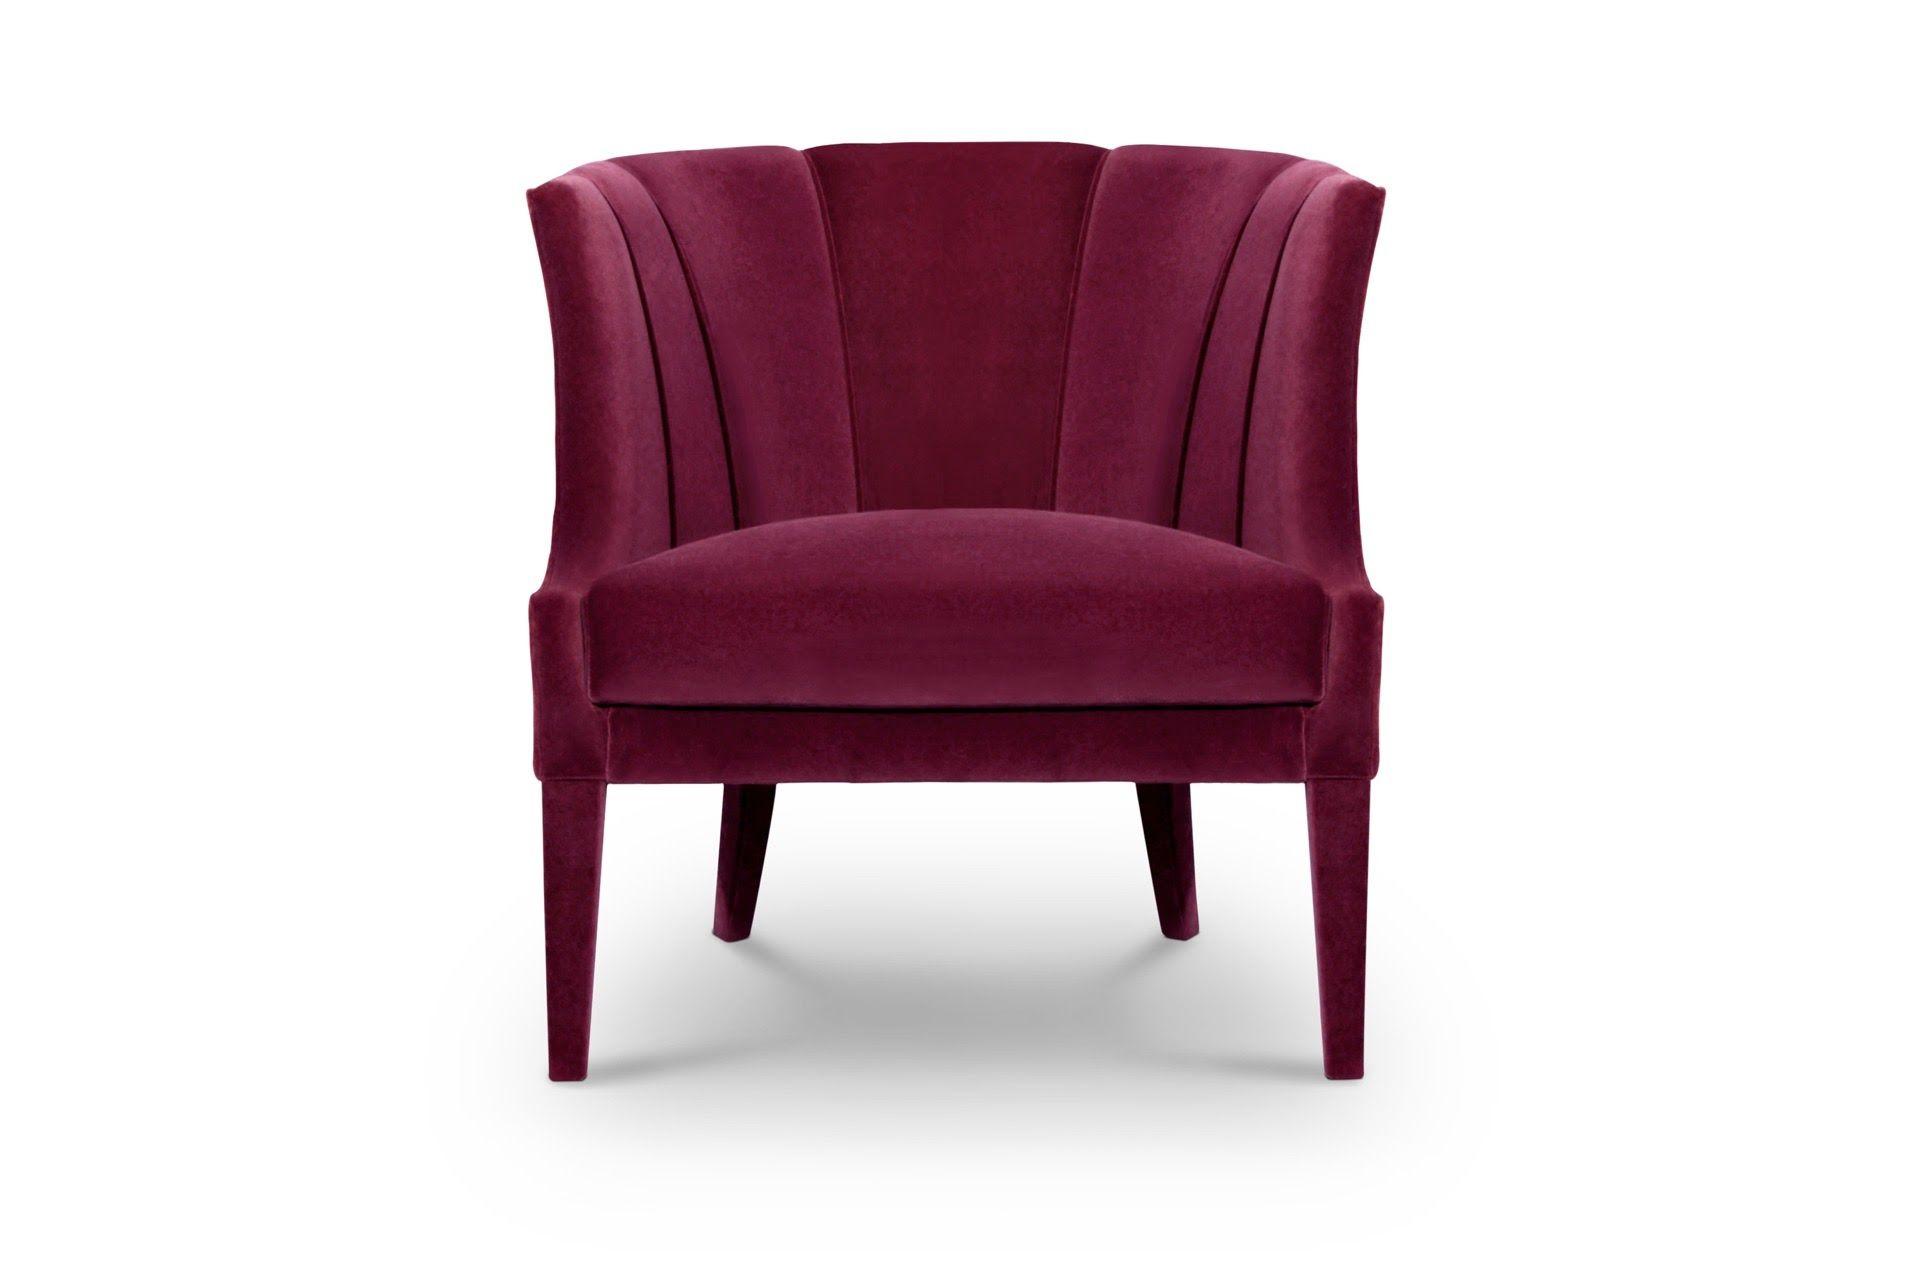 Relaxsessel Wohnzimmer ~ Samt sessel velvet chair luxus wohnzimmer luxury living room